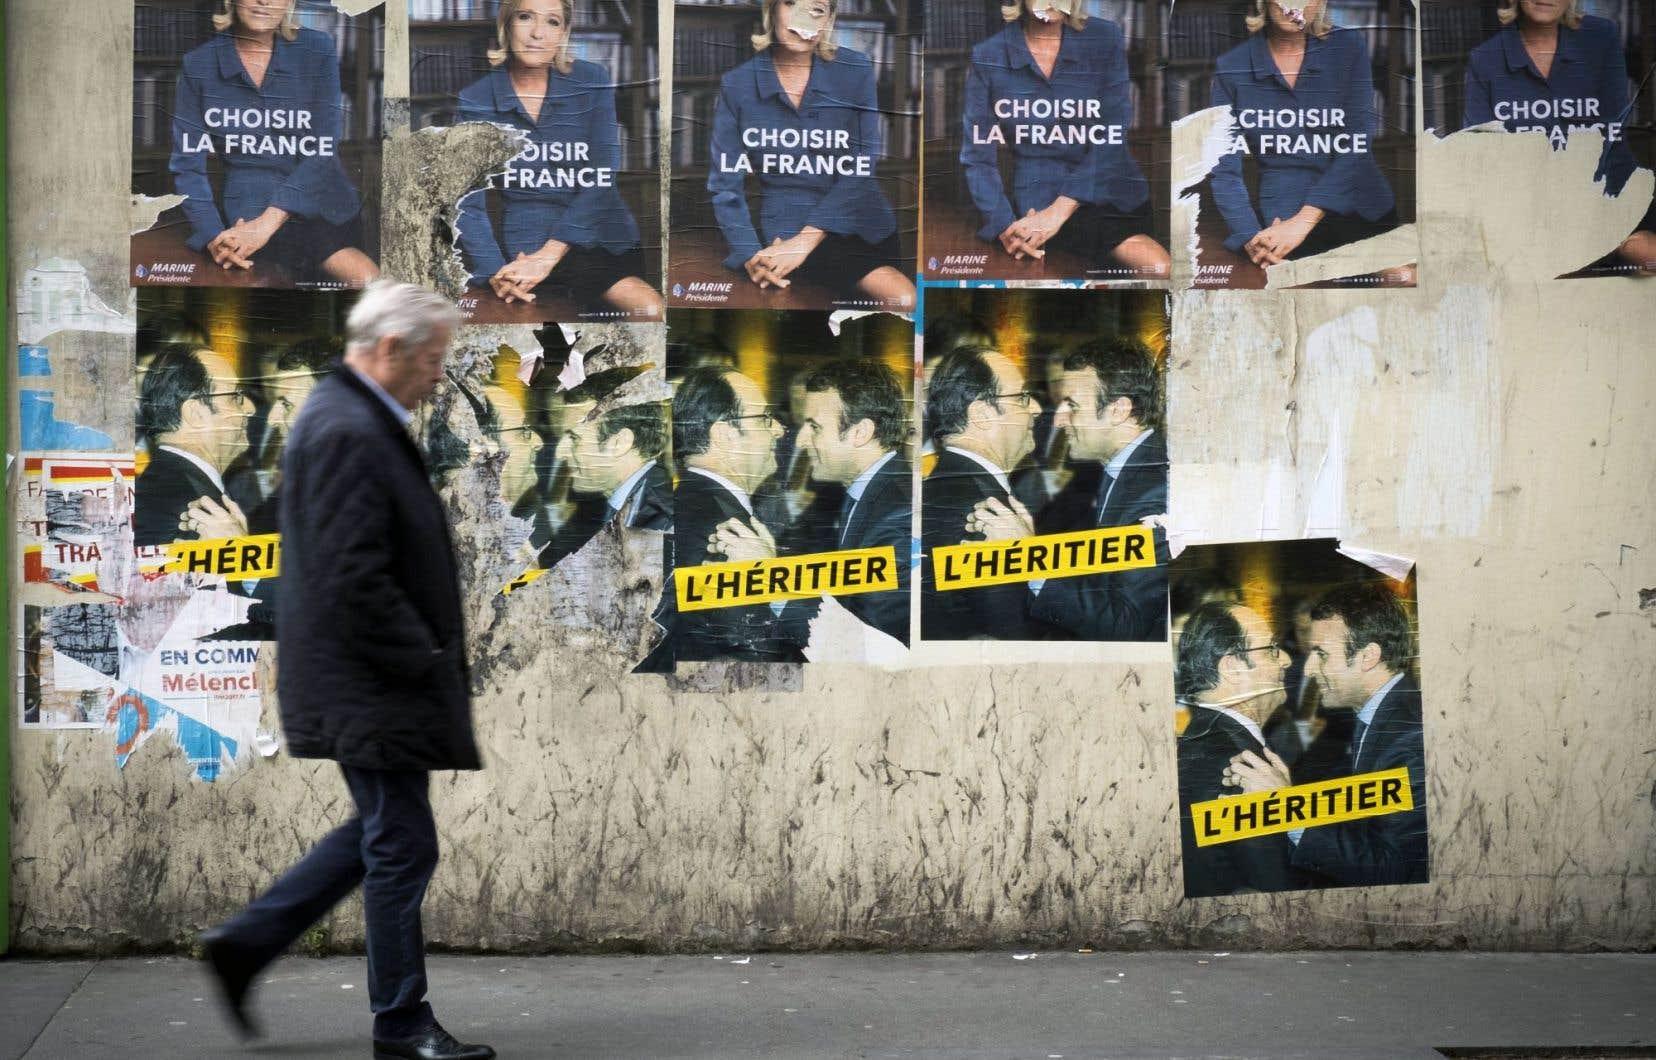 La candidate à la présidentielle française du Front national, Marine Le Pen, a affirmé vendredi qu'elle croyait pouvoir remporter une victoire-surprise ce dimanche, au terme du second et décisif tour de l'élection.